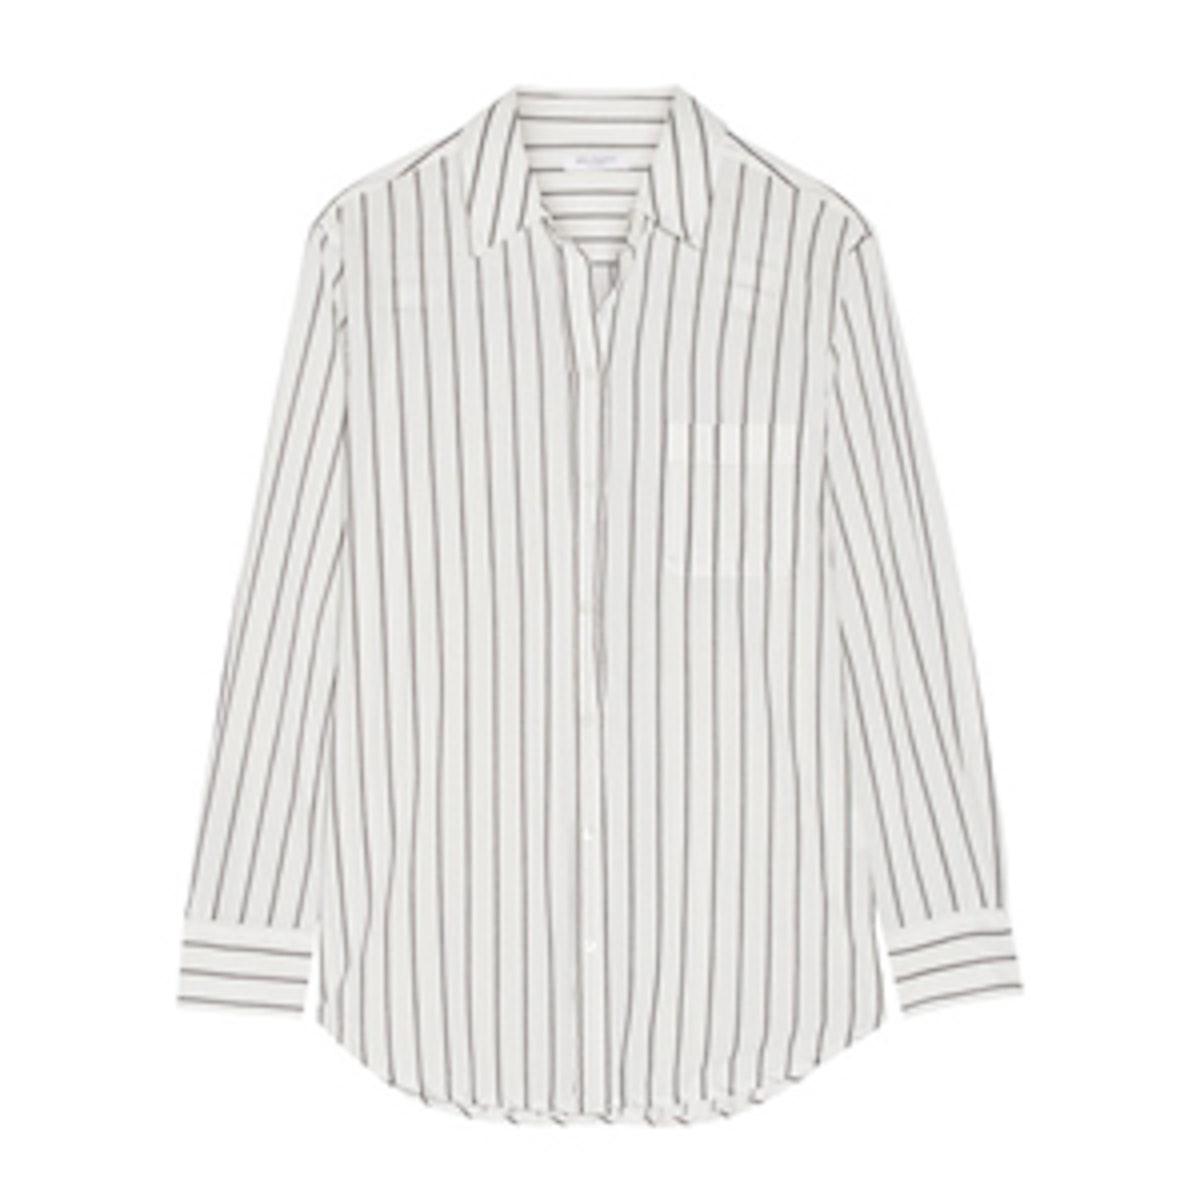 Kenton Striped Cotton-Poplin Shirt